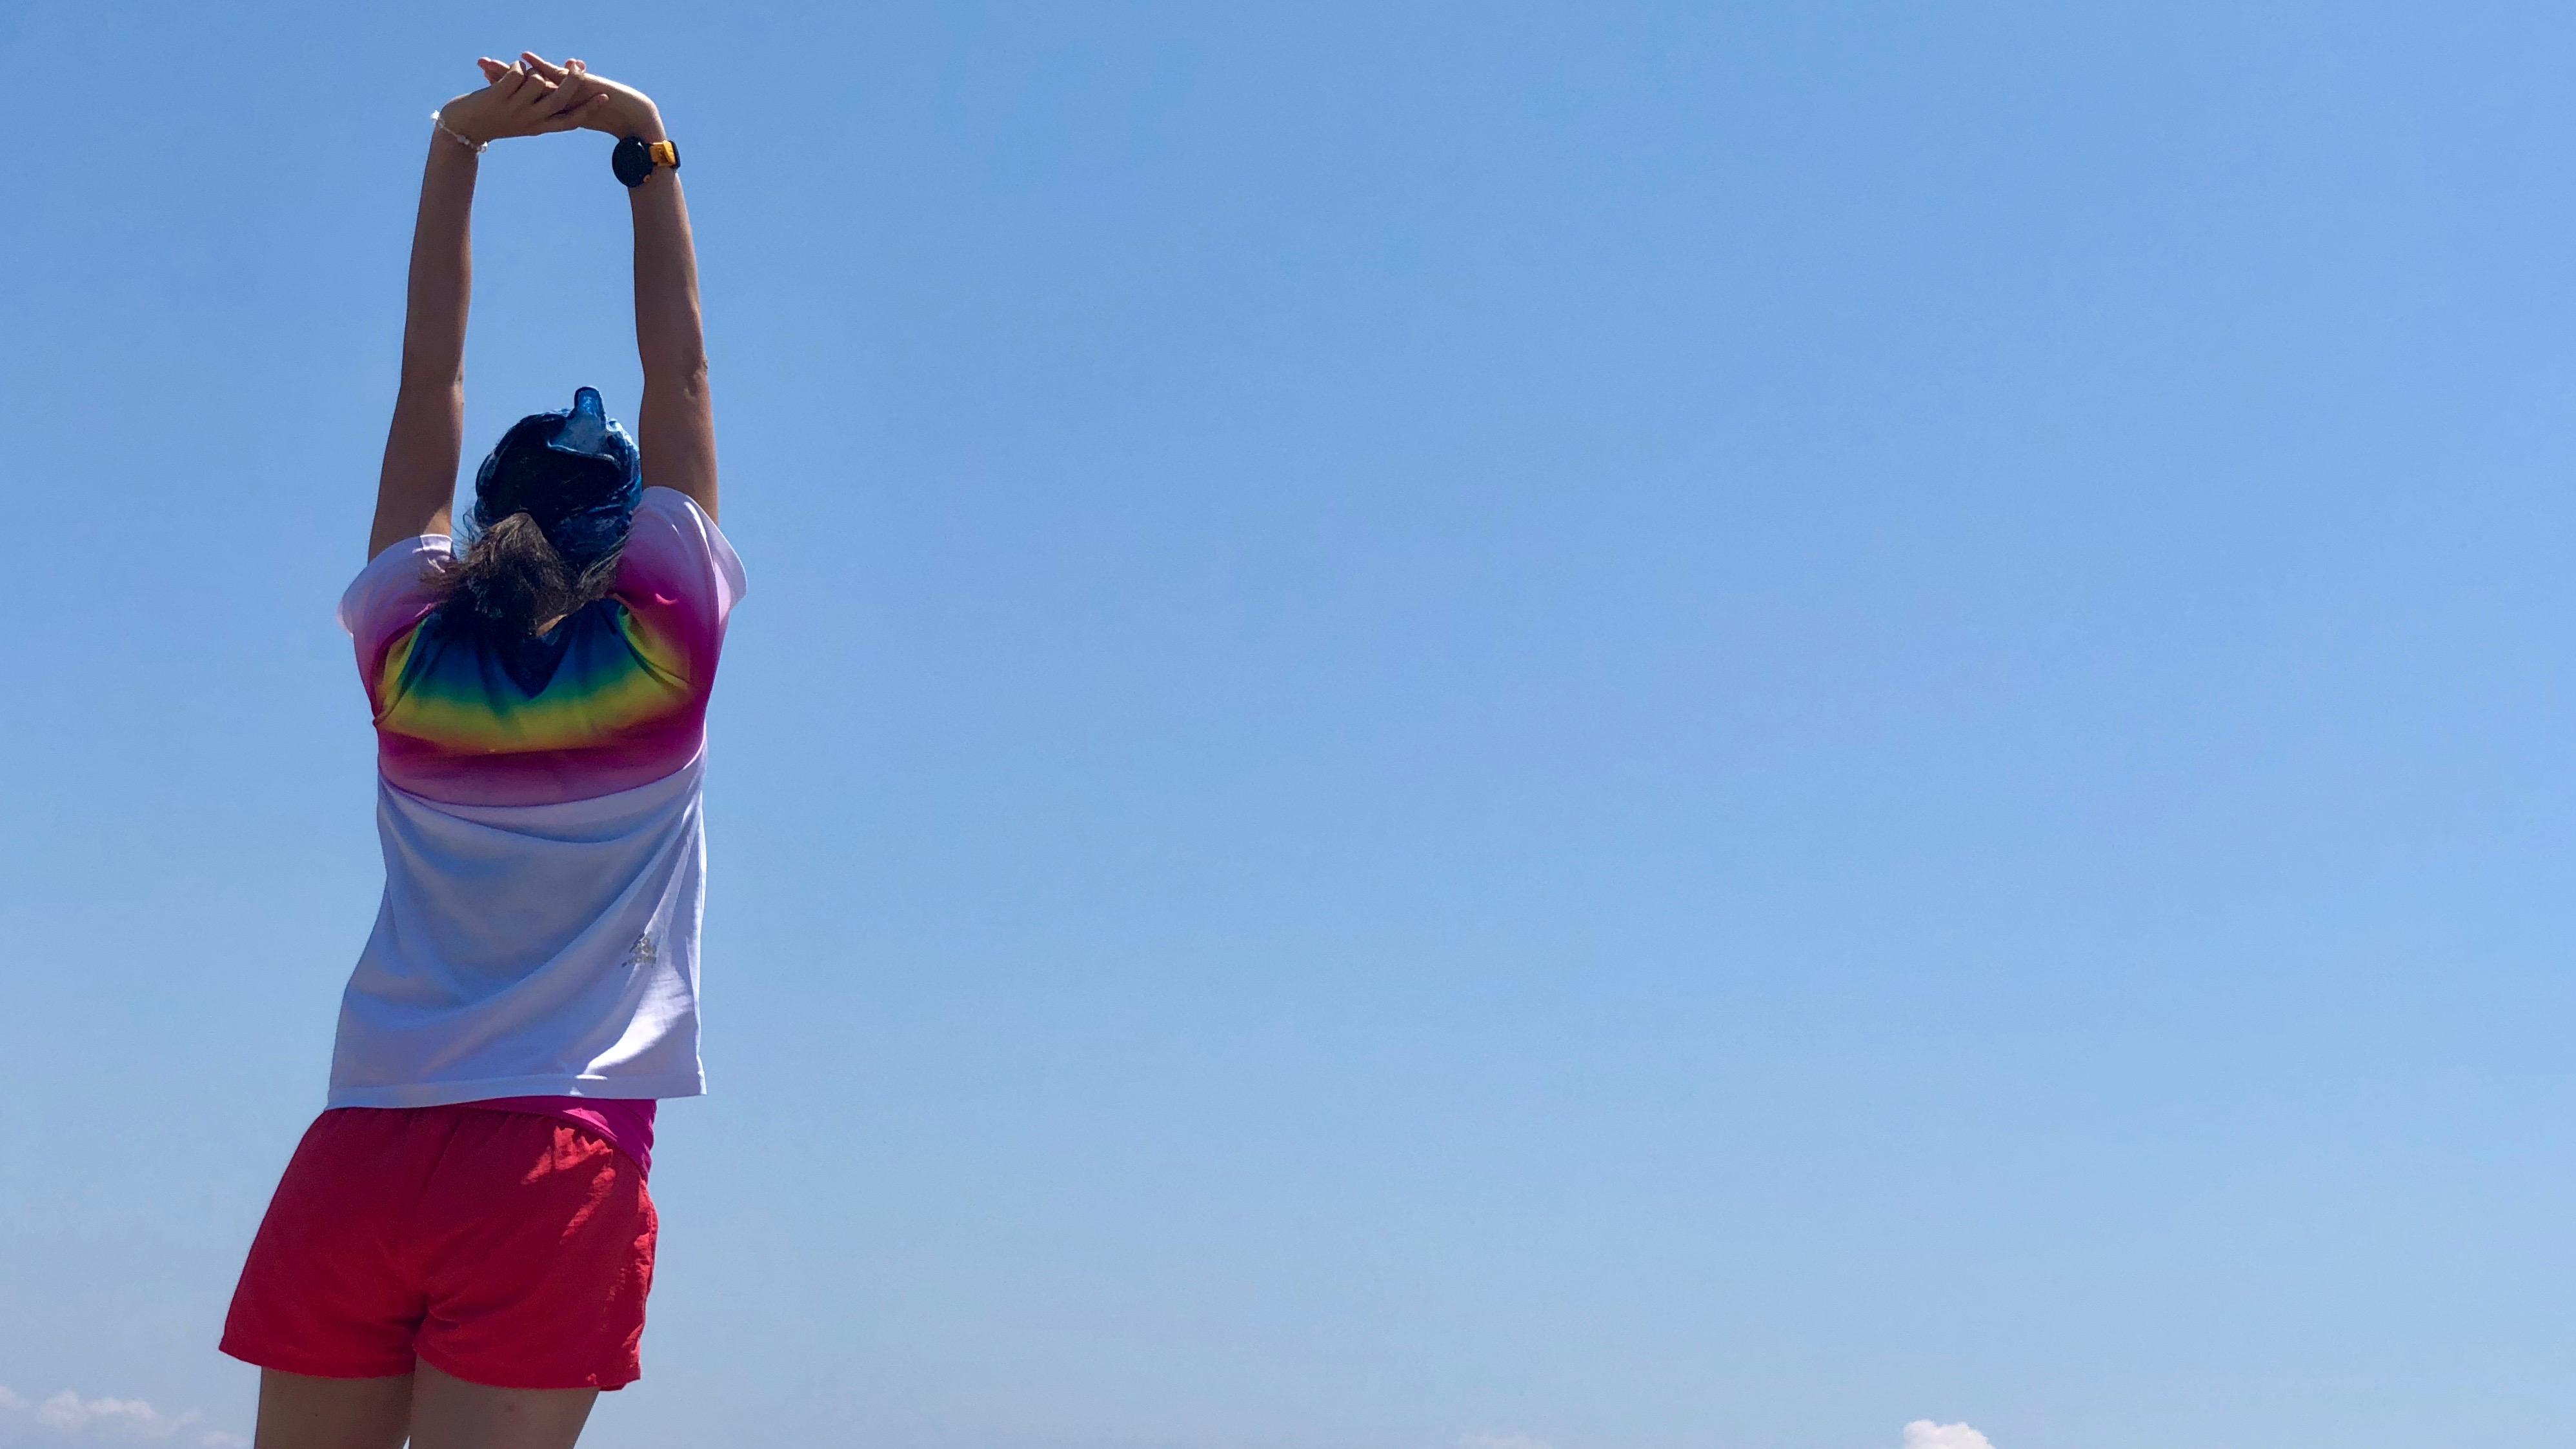 気分はラントリップ!<br> 「プロギングしずおか(9/8開催)」の<br> 三保松原コースをチェックしておこう。